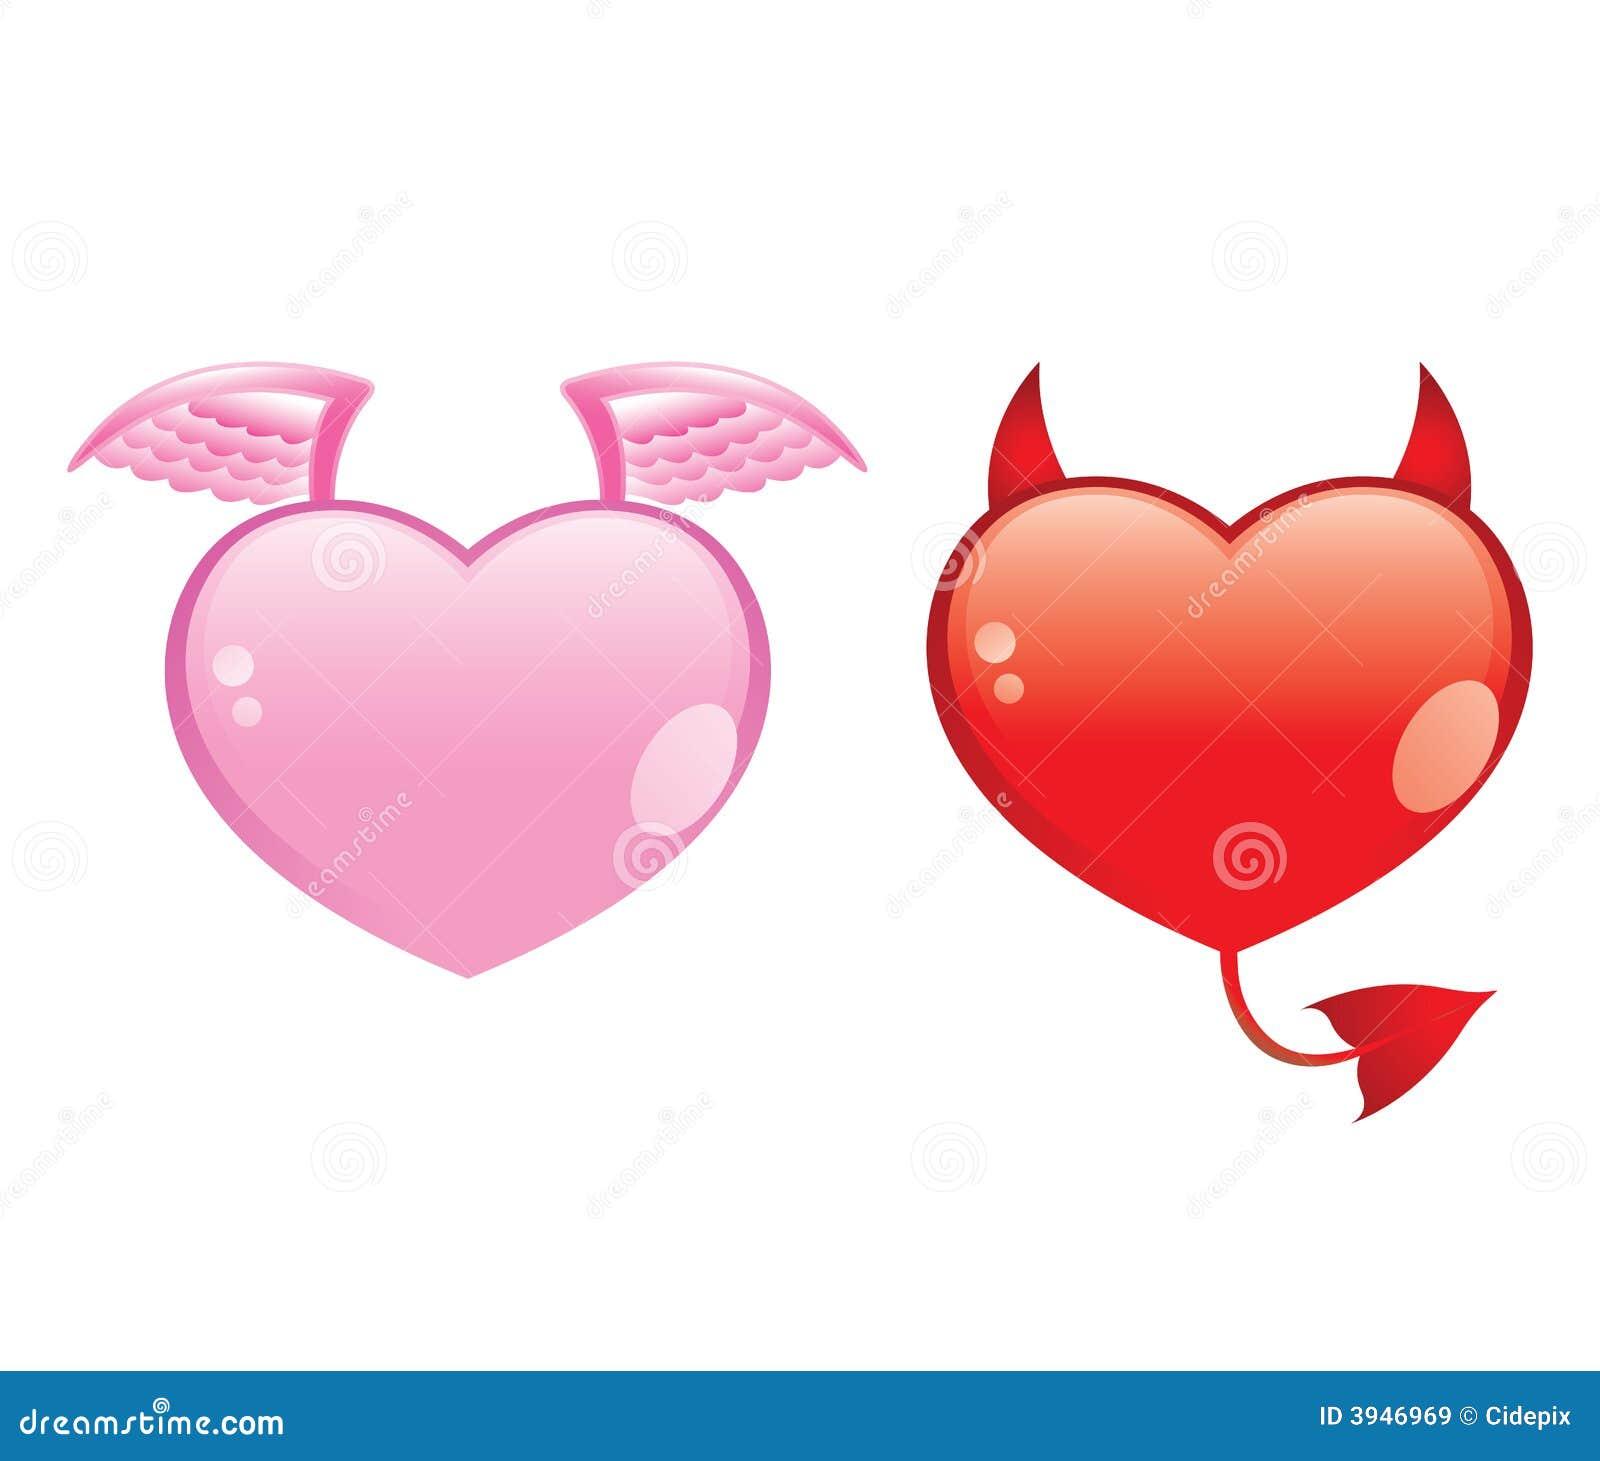 Citaten Goed En Kwaad : Het goed van de liefde versus kwaad royalty vrije stock